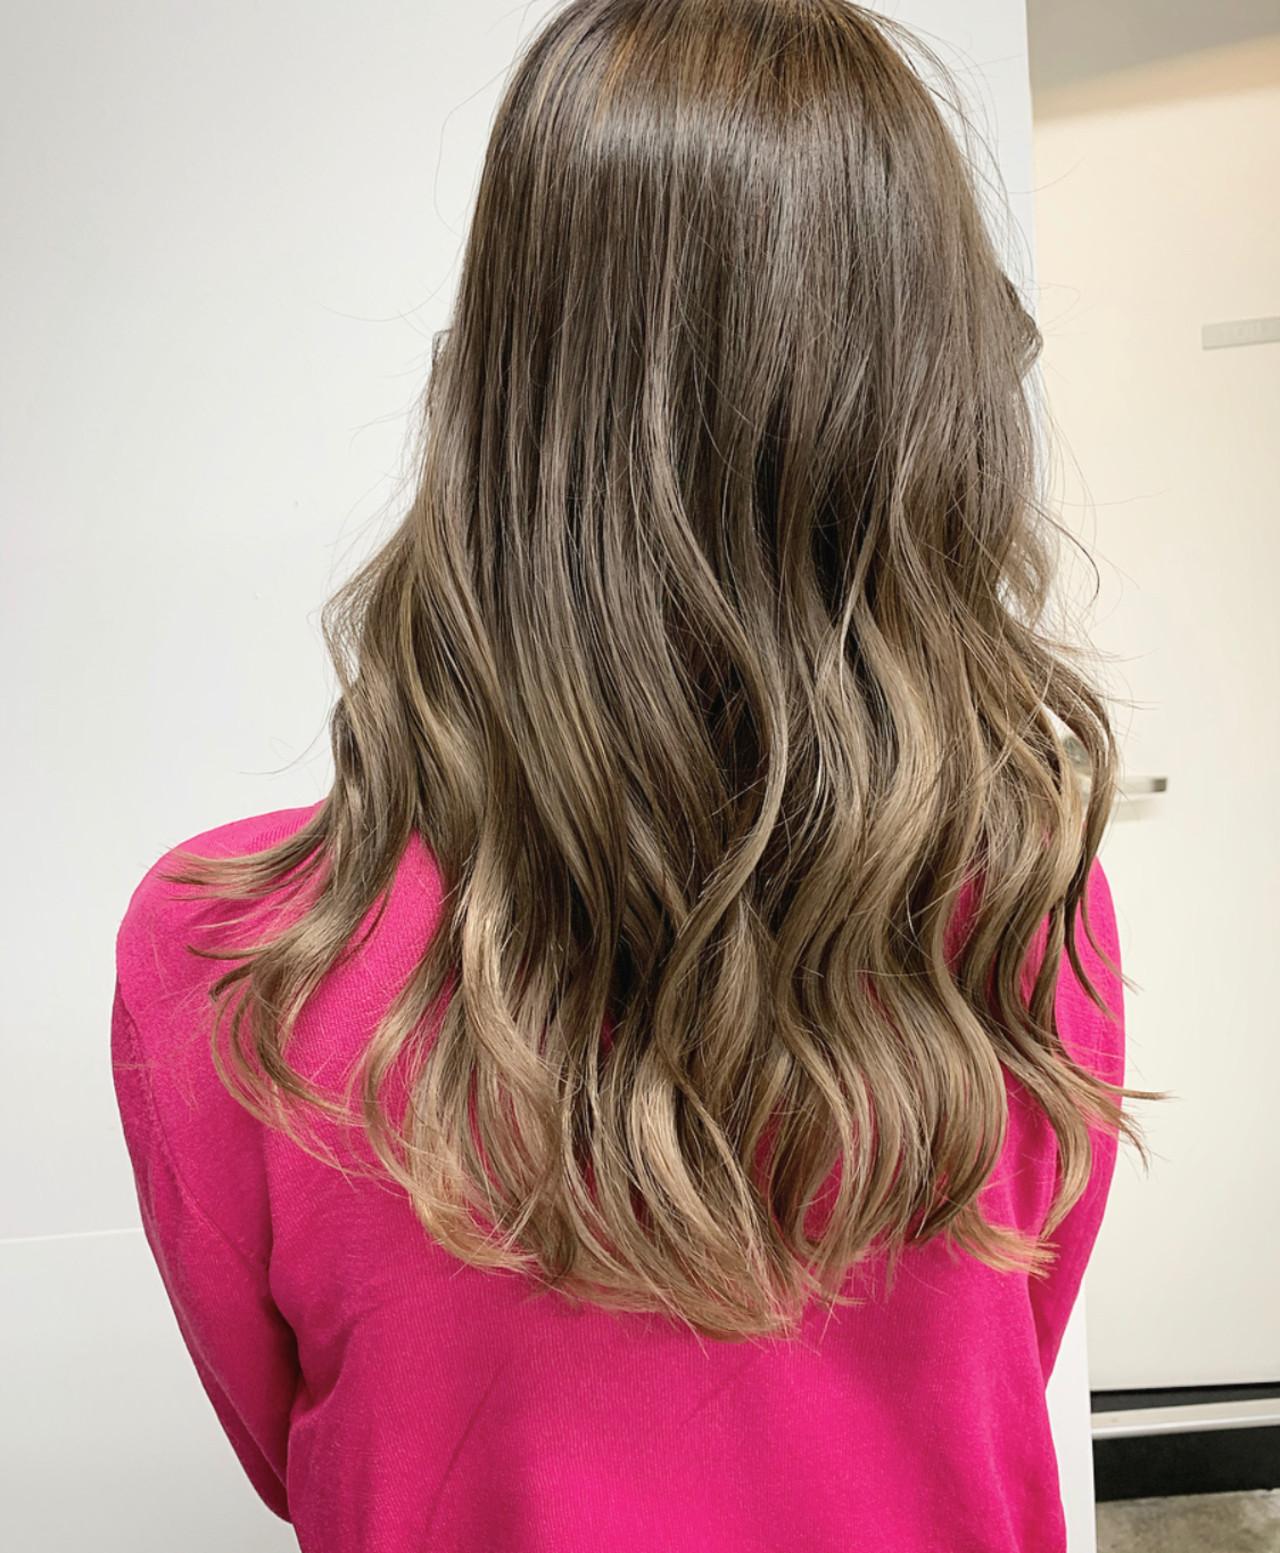 ロング バレイヤージュ ナチュラルベージュ ミルクティーベージュ ヘアスタイルや髪型の写真・画像 | 谷島 瑠伊 / ALIVE omotesando